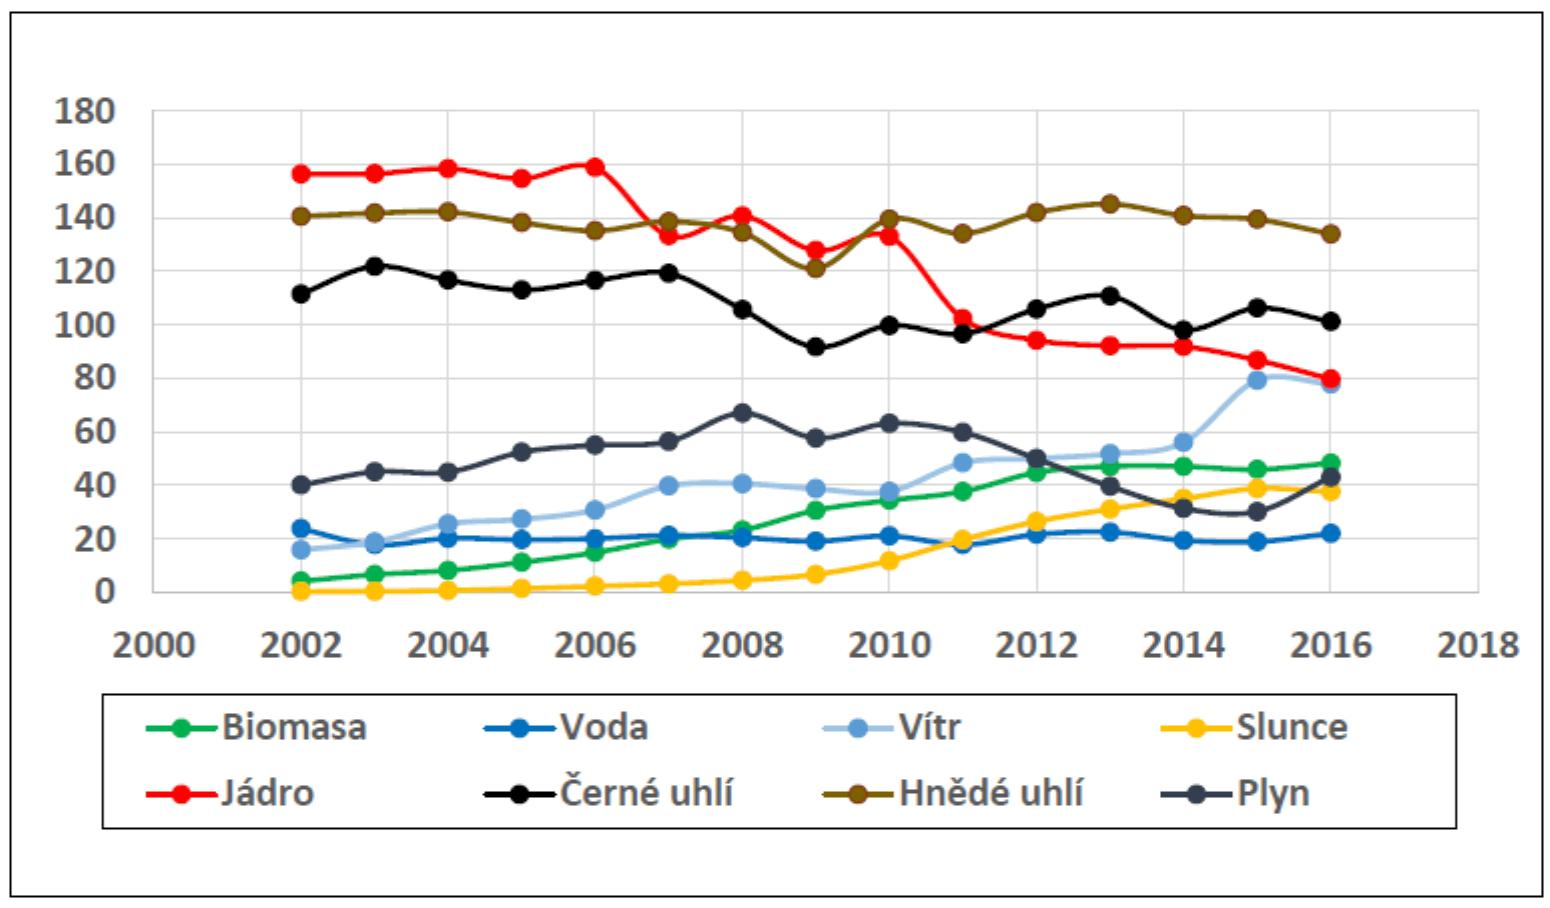 Dosavadní průběh německé Energiewende. Roční výroba různých zdrojů elektřiny v Terawatthodinách v jednotlivých letech. Data převzata z Fraunhofer ISE (https://www.energy-charts.de/energy.htm).